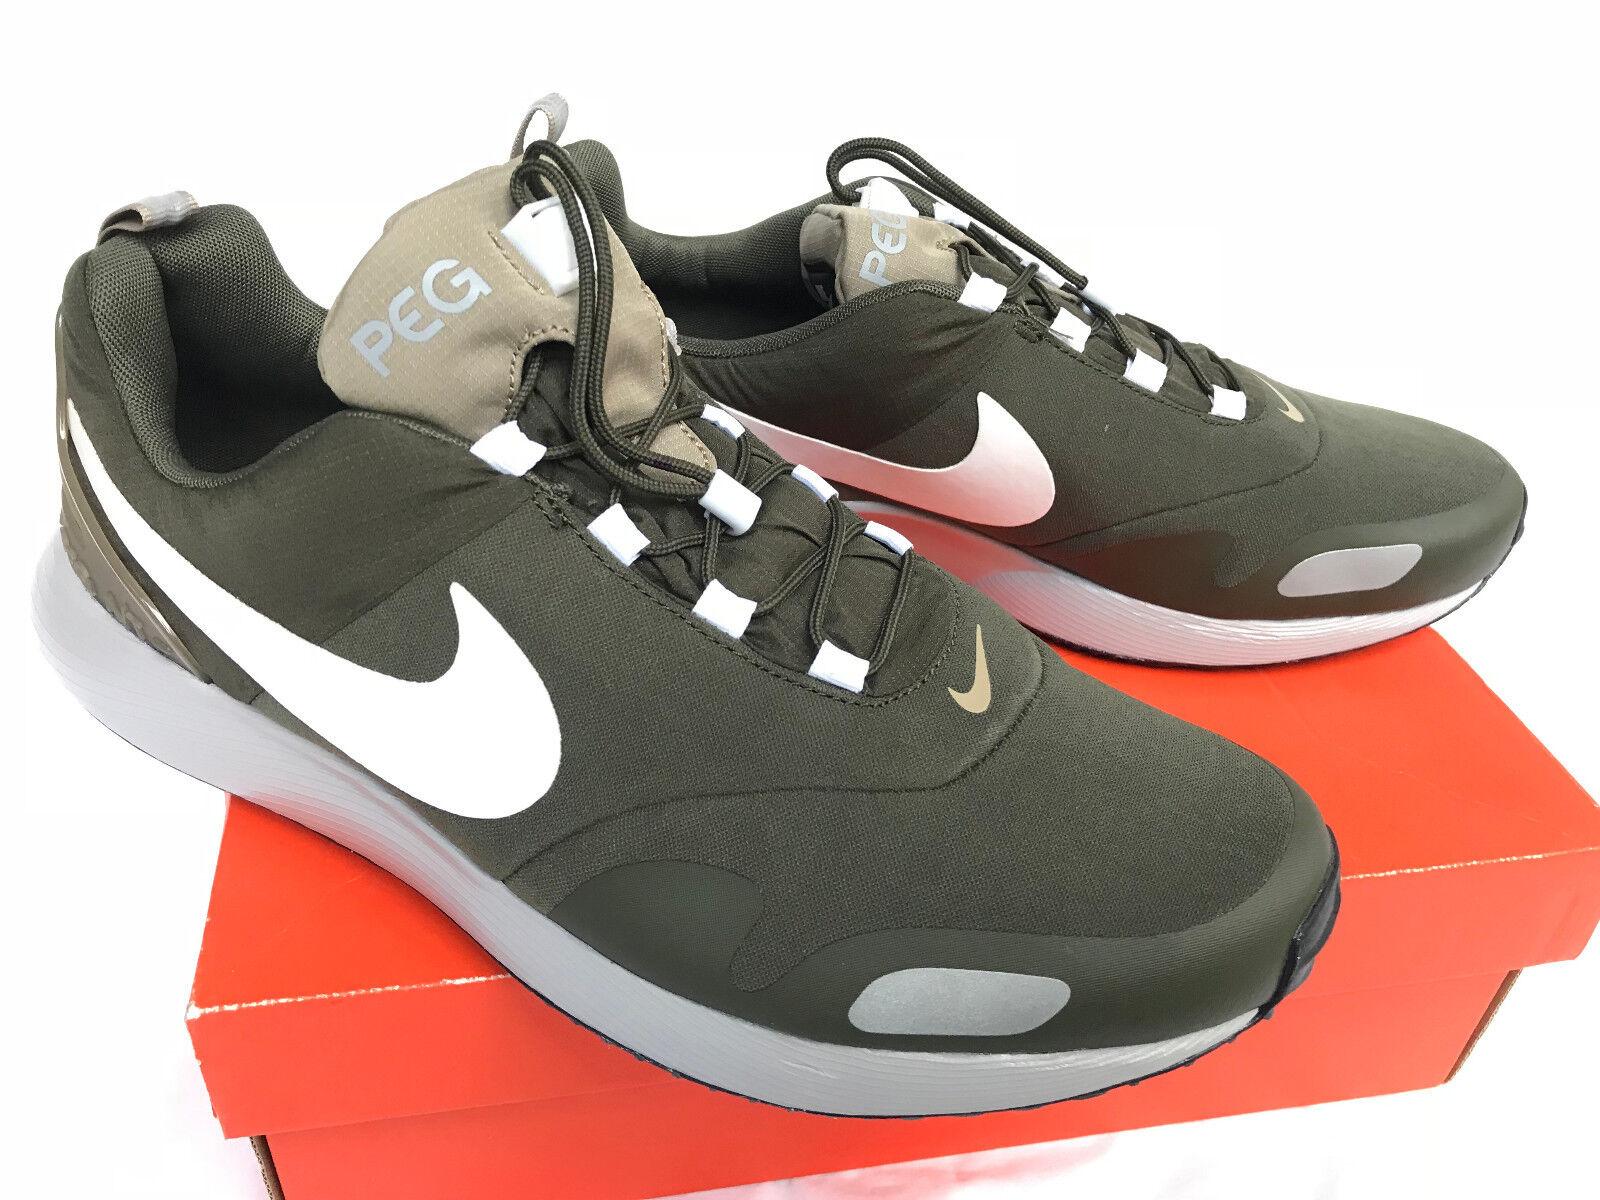 Nike Air Pegasus A/T Premium 924469-302 All Terrain Cold Running Shoes Men's 9